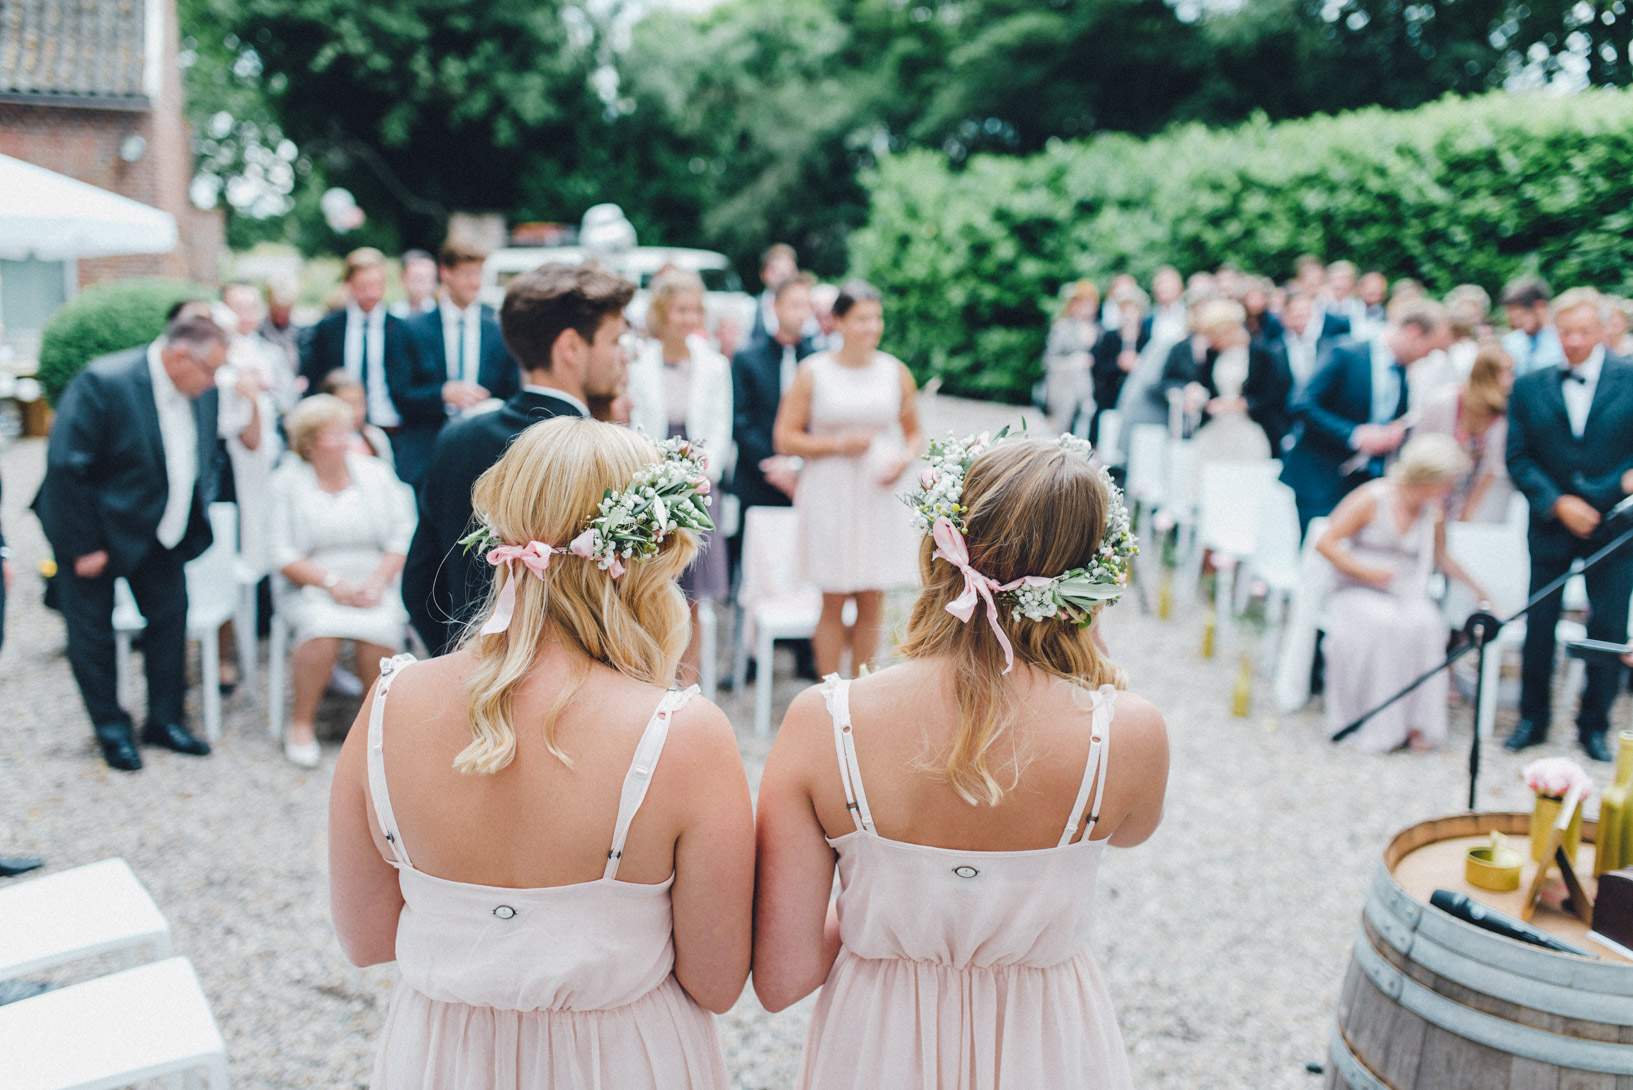 DIY-Hochzeit-gold-VW-Bully-59 Janet & Pierre DIY Midsummer-Wedding in Gold mit VW BulliDIY Hochzeit gold VW Bully 59